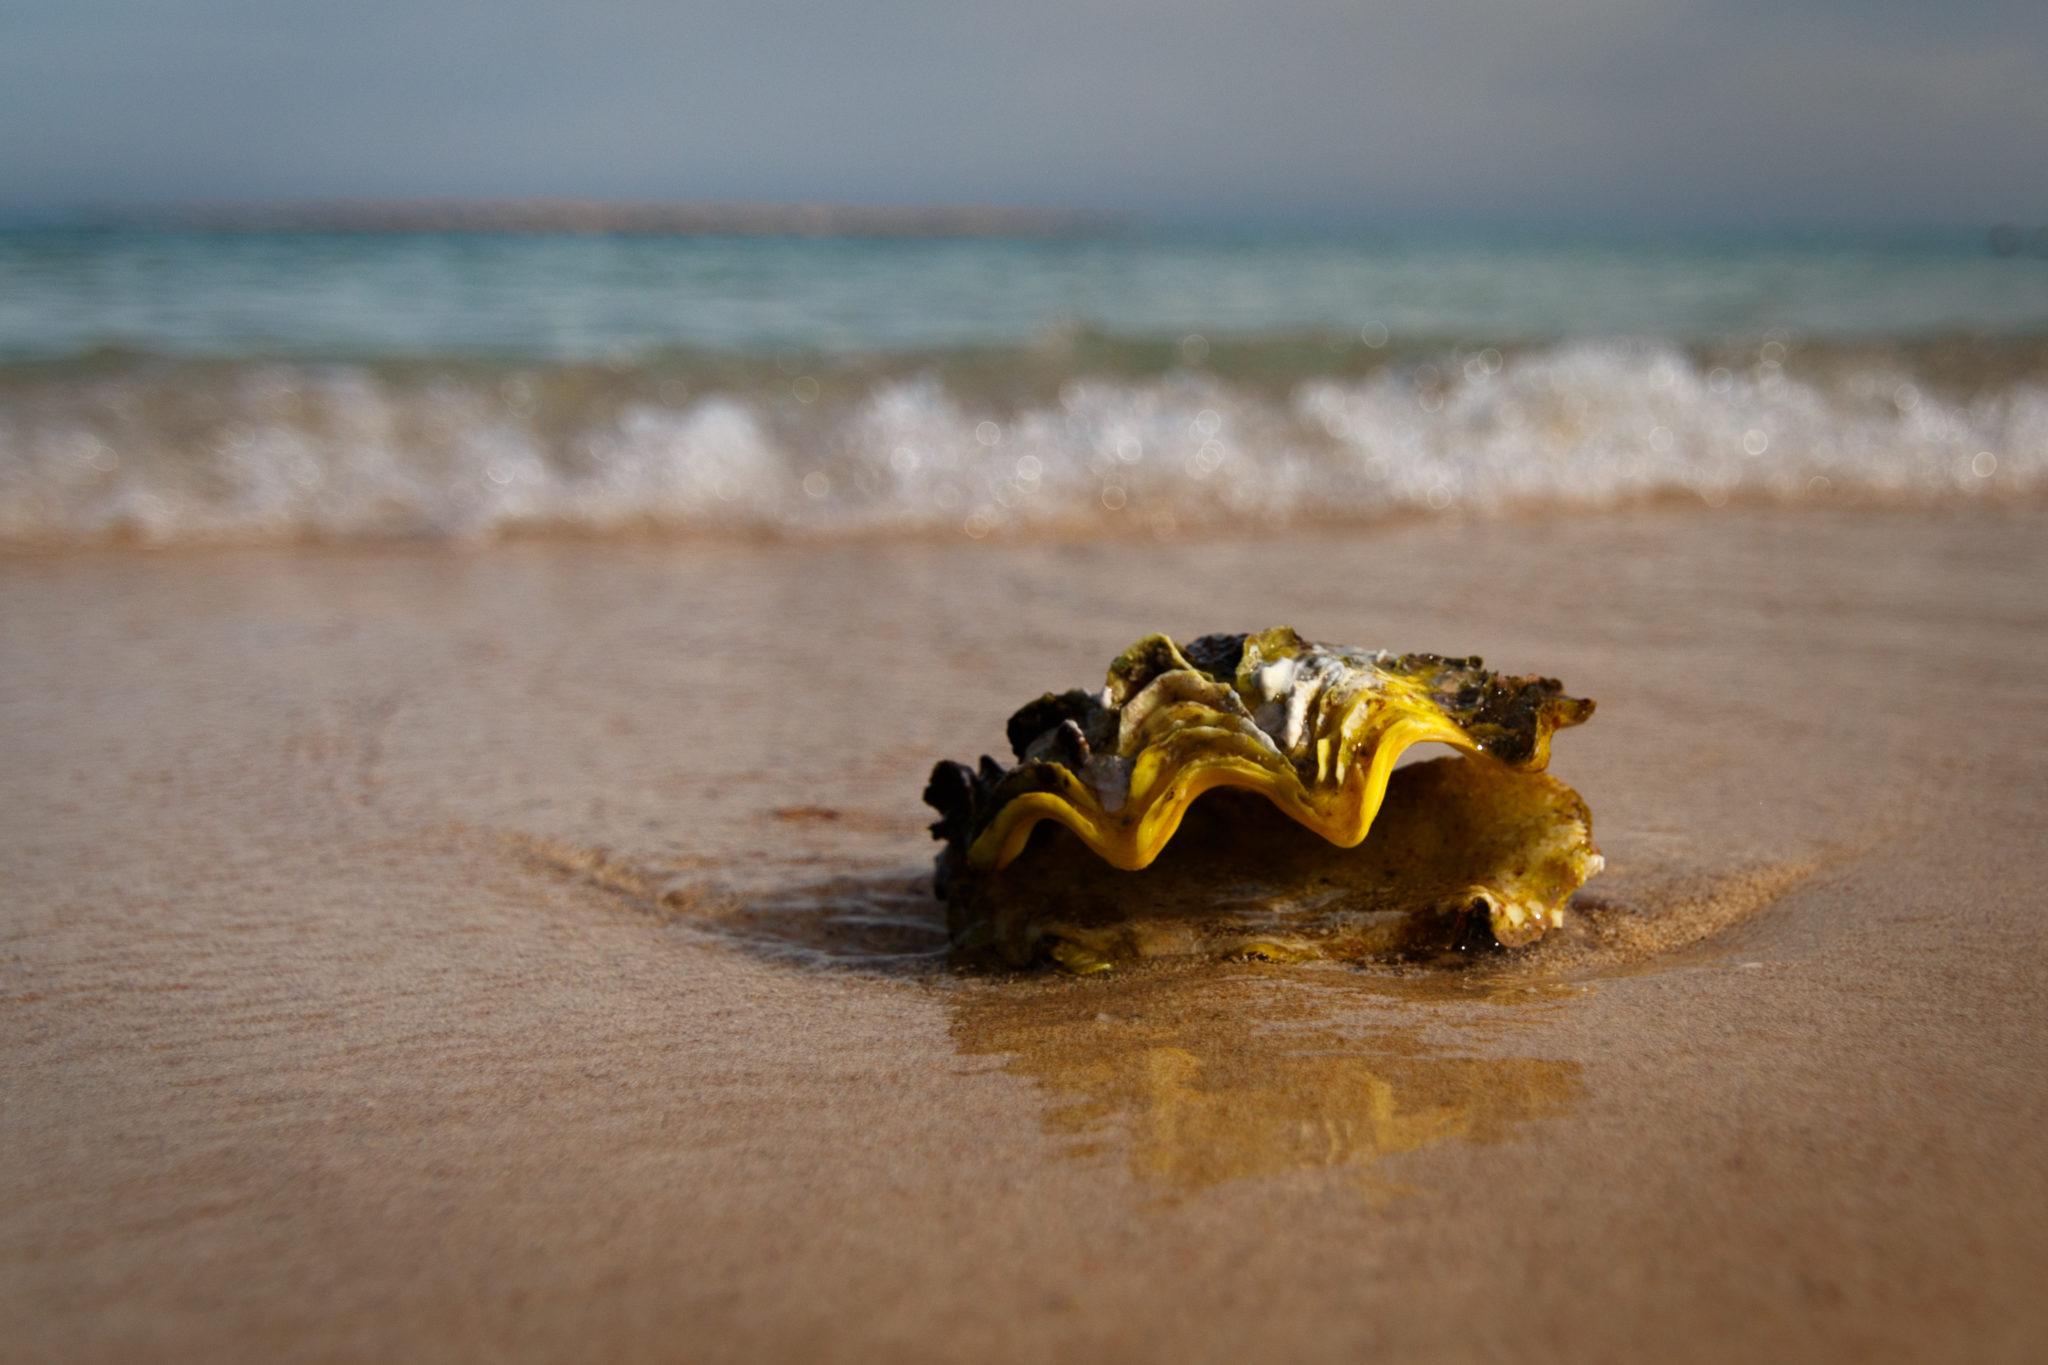 Muschel am Strand II